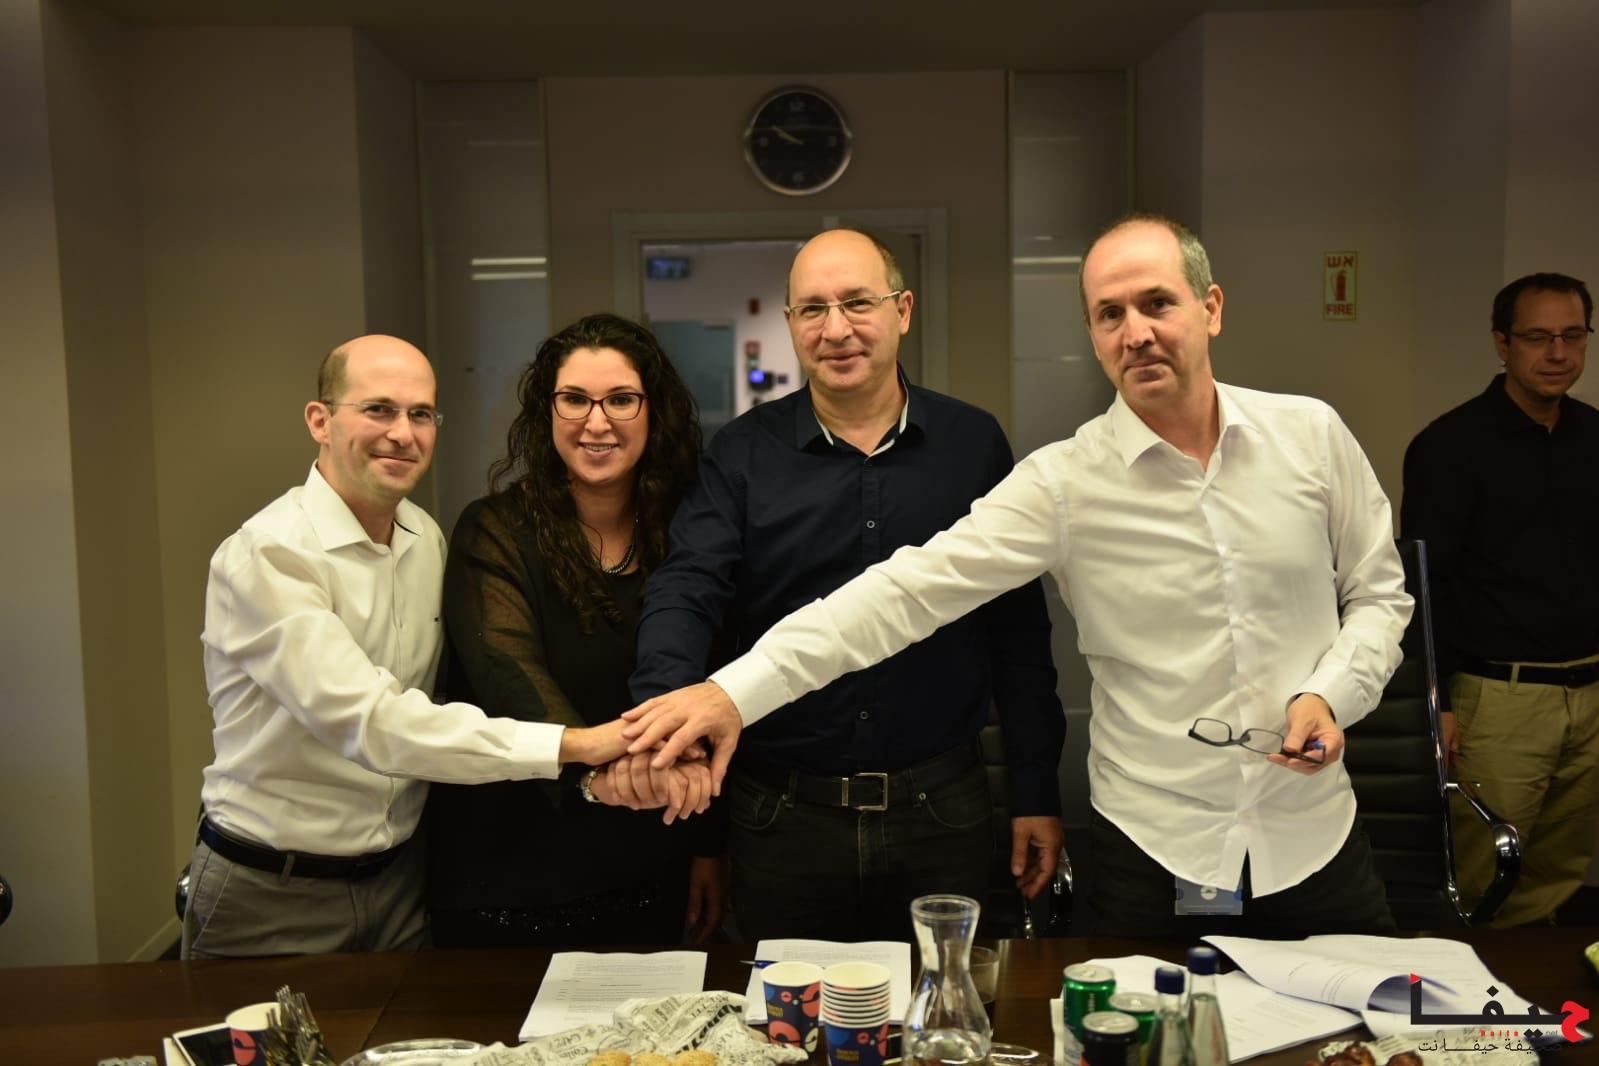 נחתם הסכם קיבוצי חדש בחברת לאומי קארד1